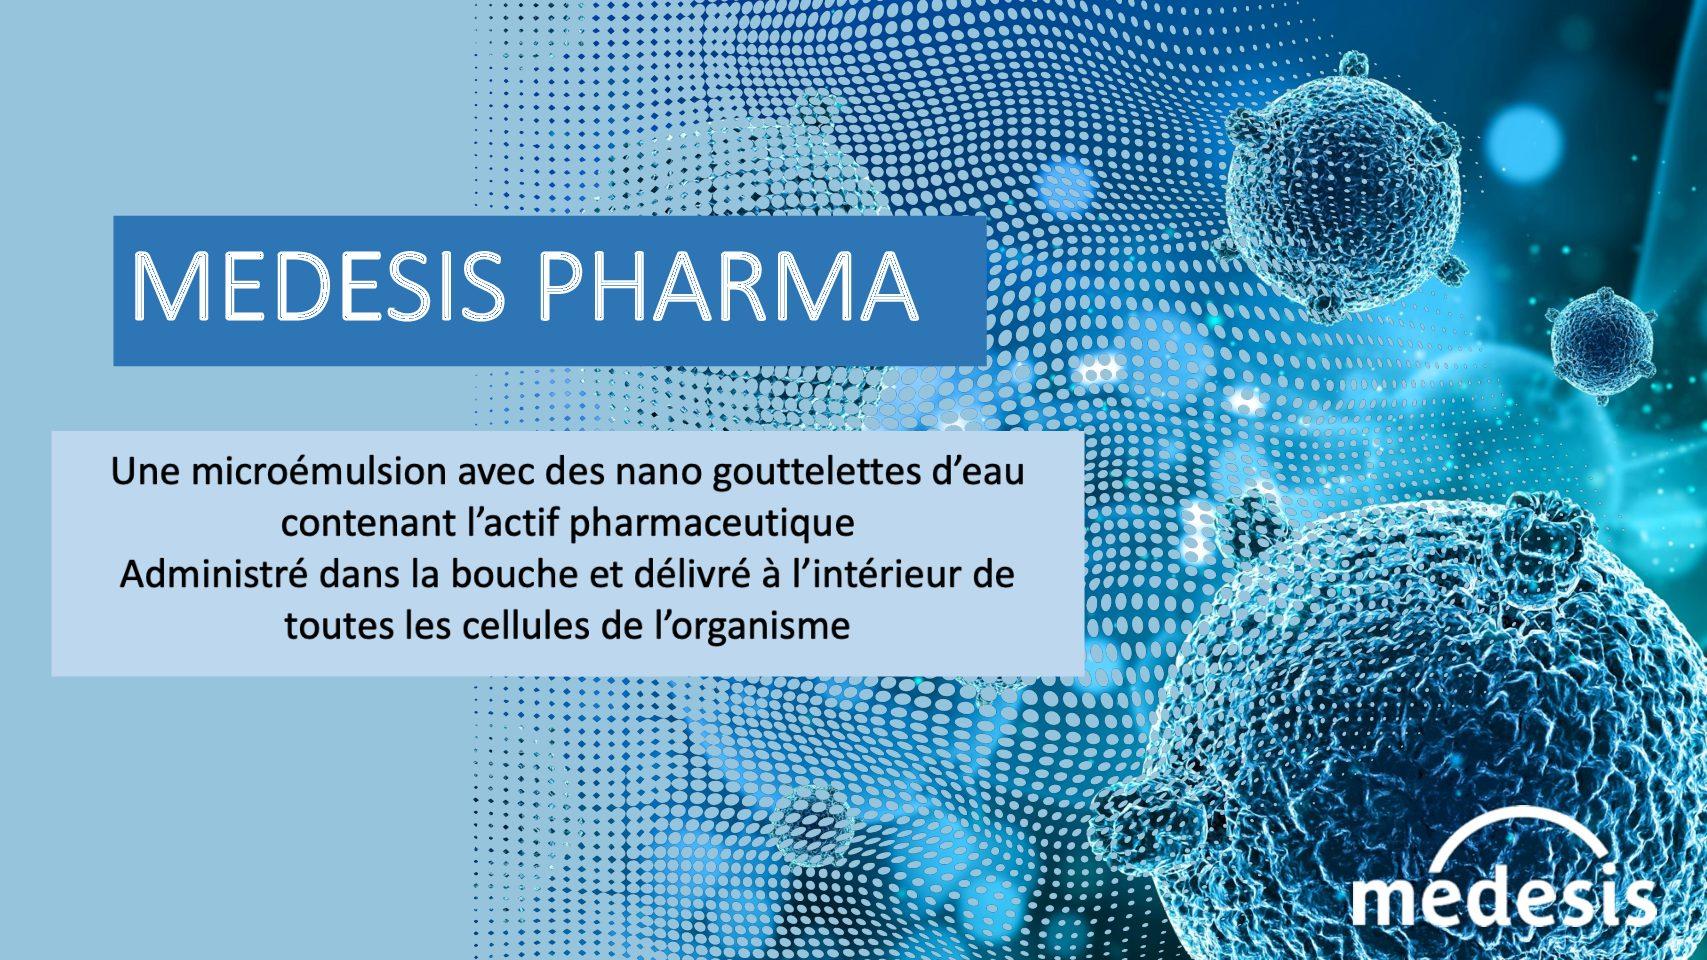 Medesis Pharma développe un futur médicament pour la prévention et le traitement des formes graves du COVID-19 : le NanoManganese®